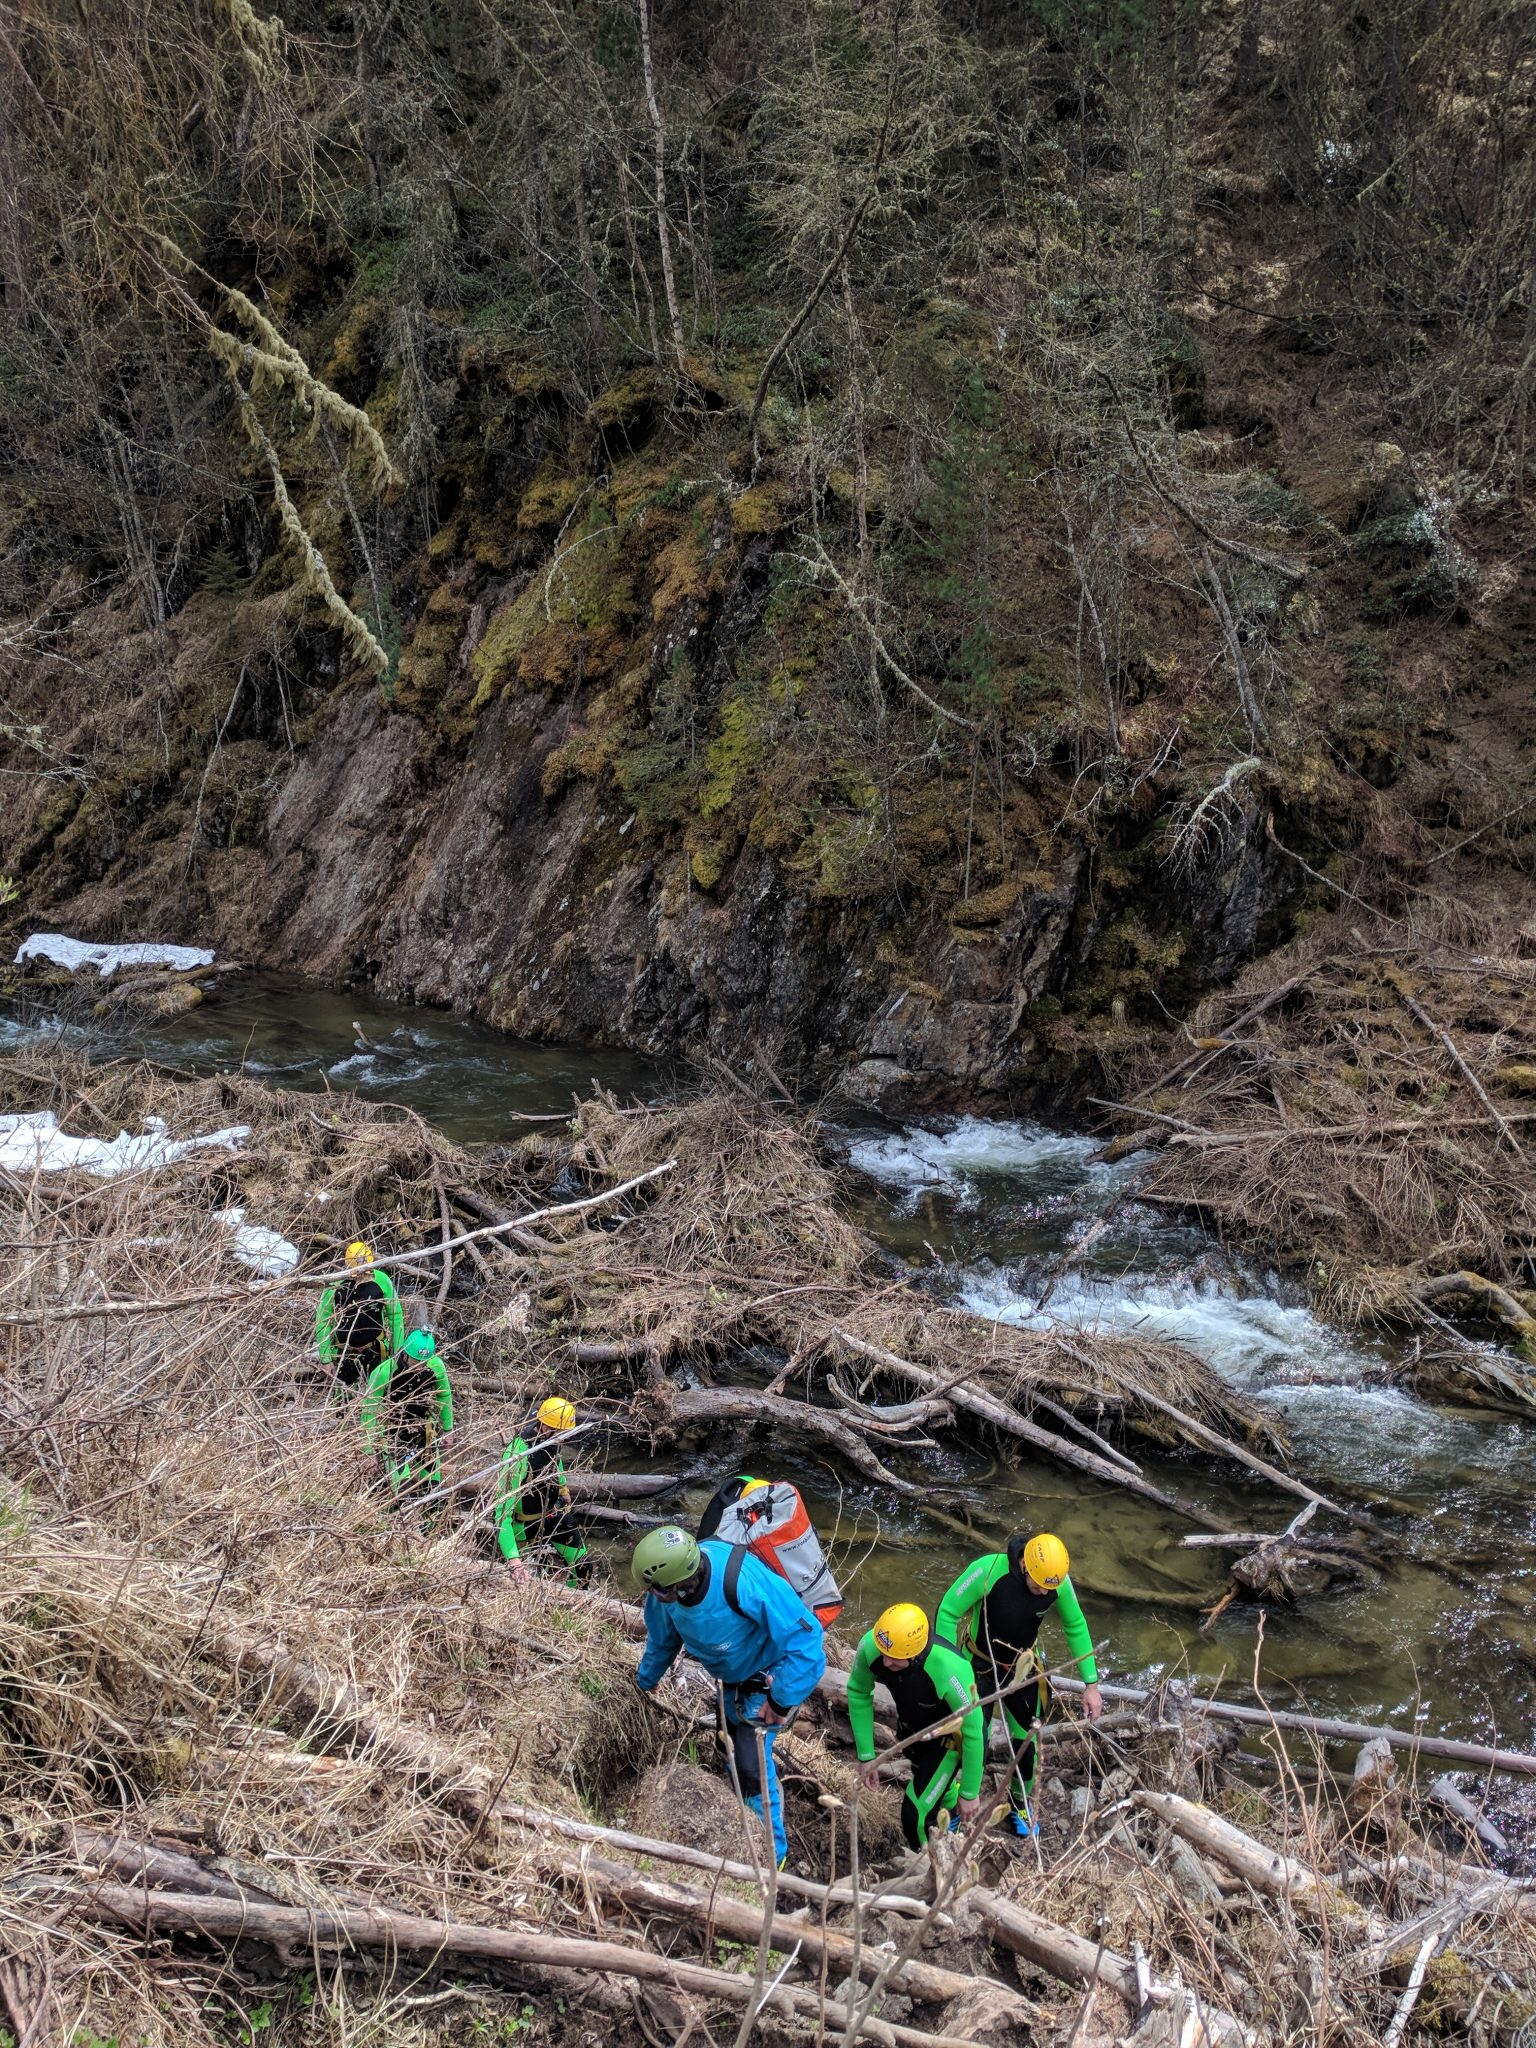 Nederbach Ausstieg - Wasserrechtliche Beurteilung des Canyoning - Dr Edmundd Primosch